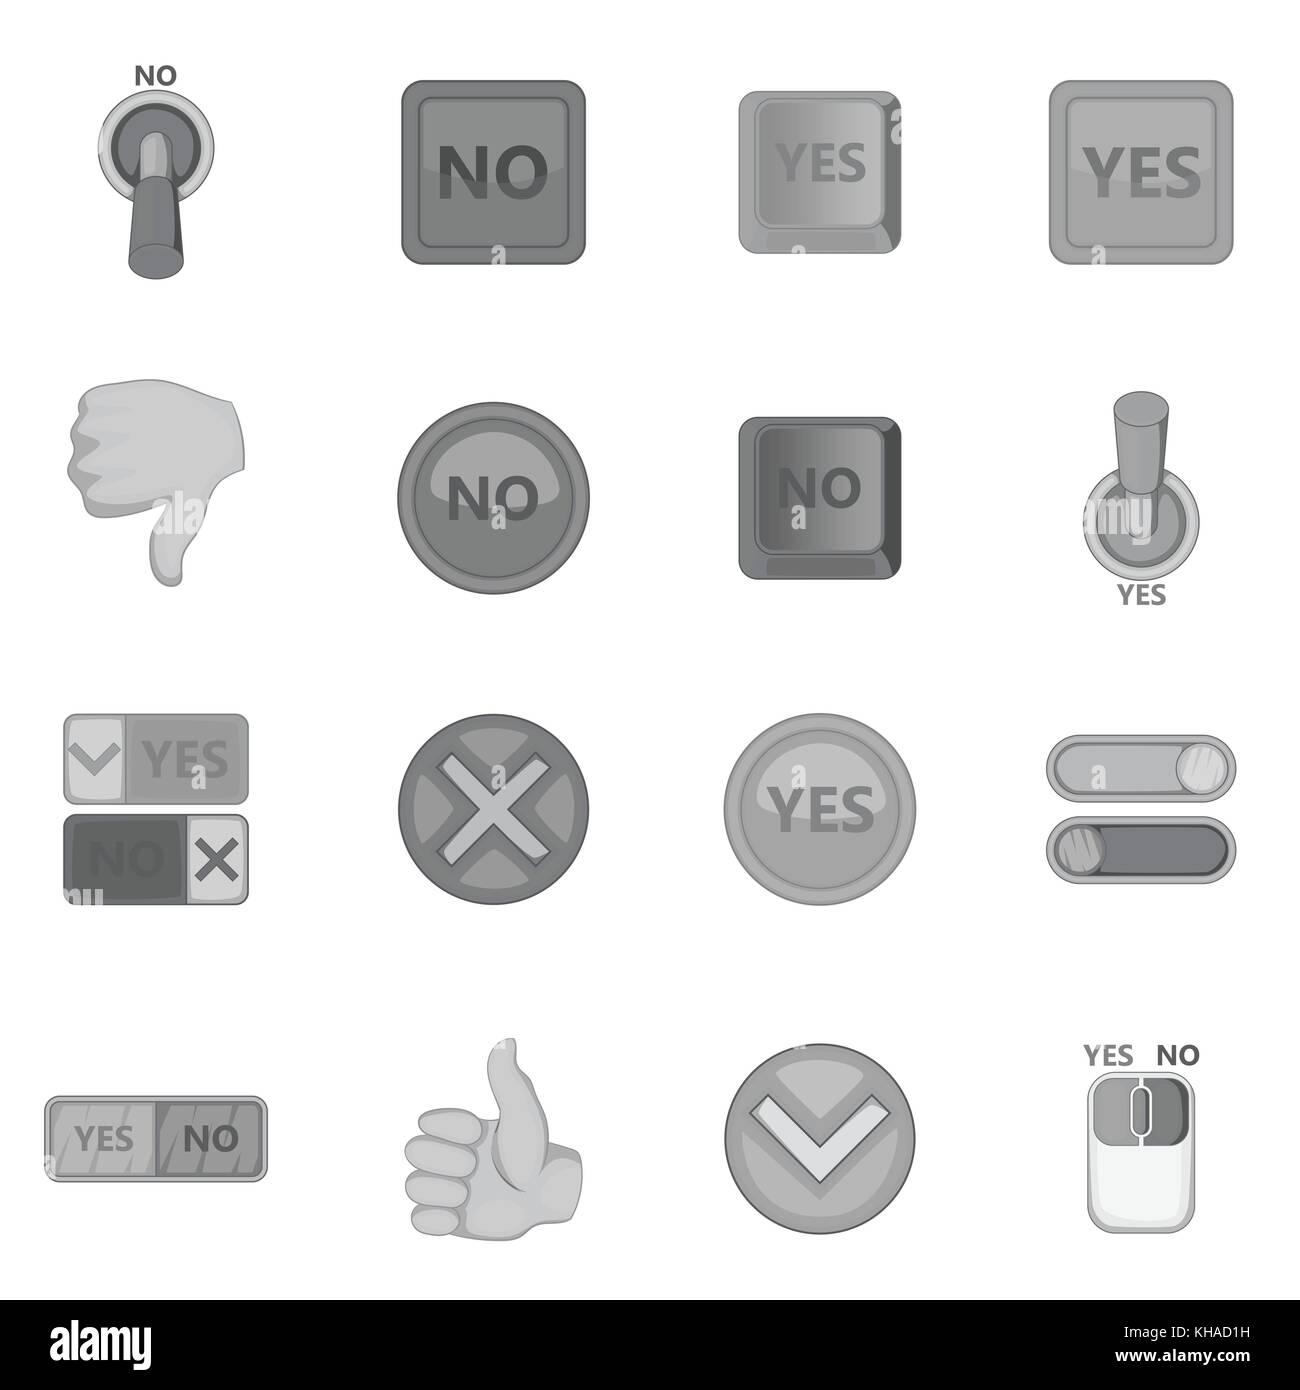 Yes no icons set, monochrome style - Stock Image